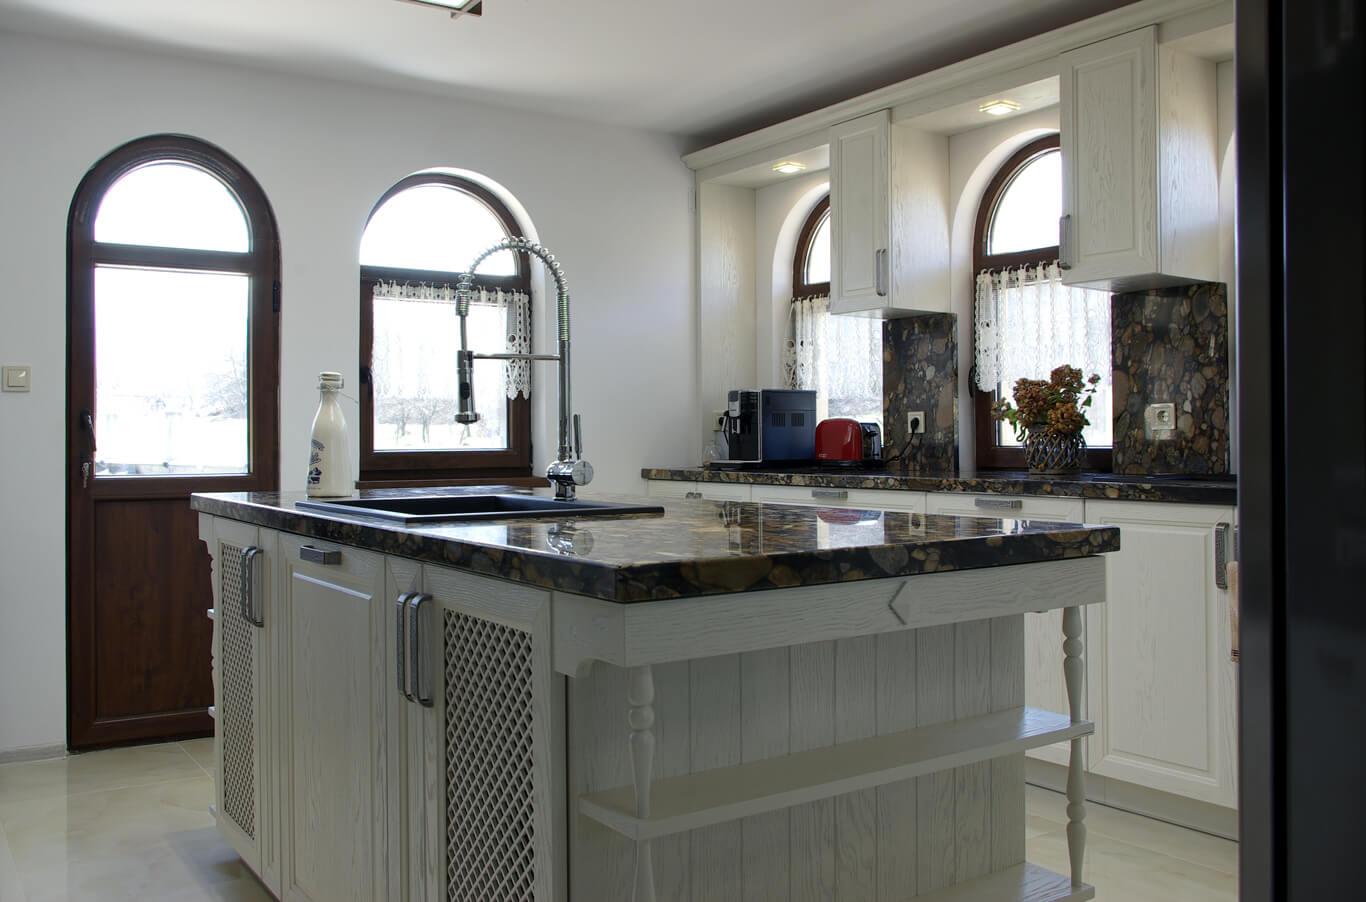 арковидни прозорци акцентират върху белия фурнир